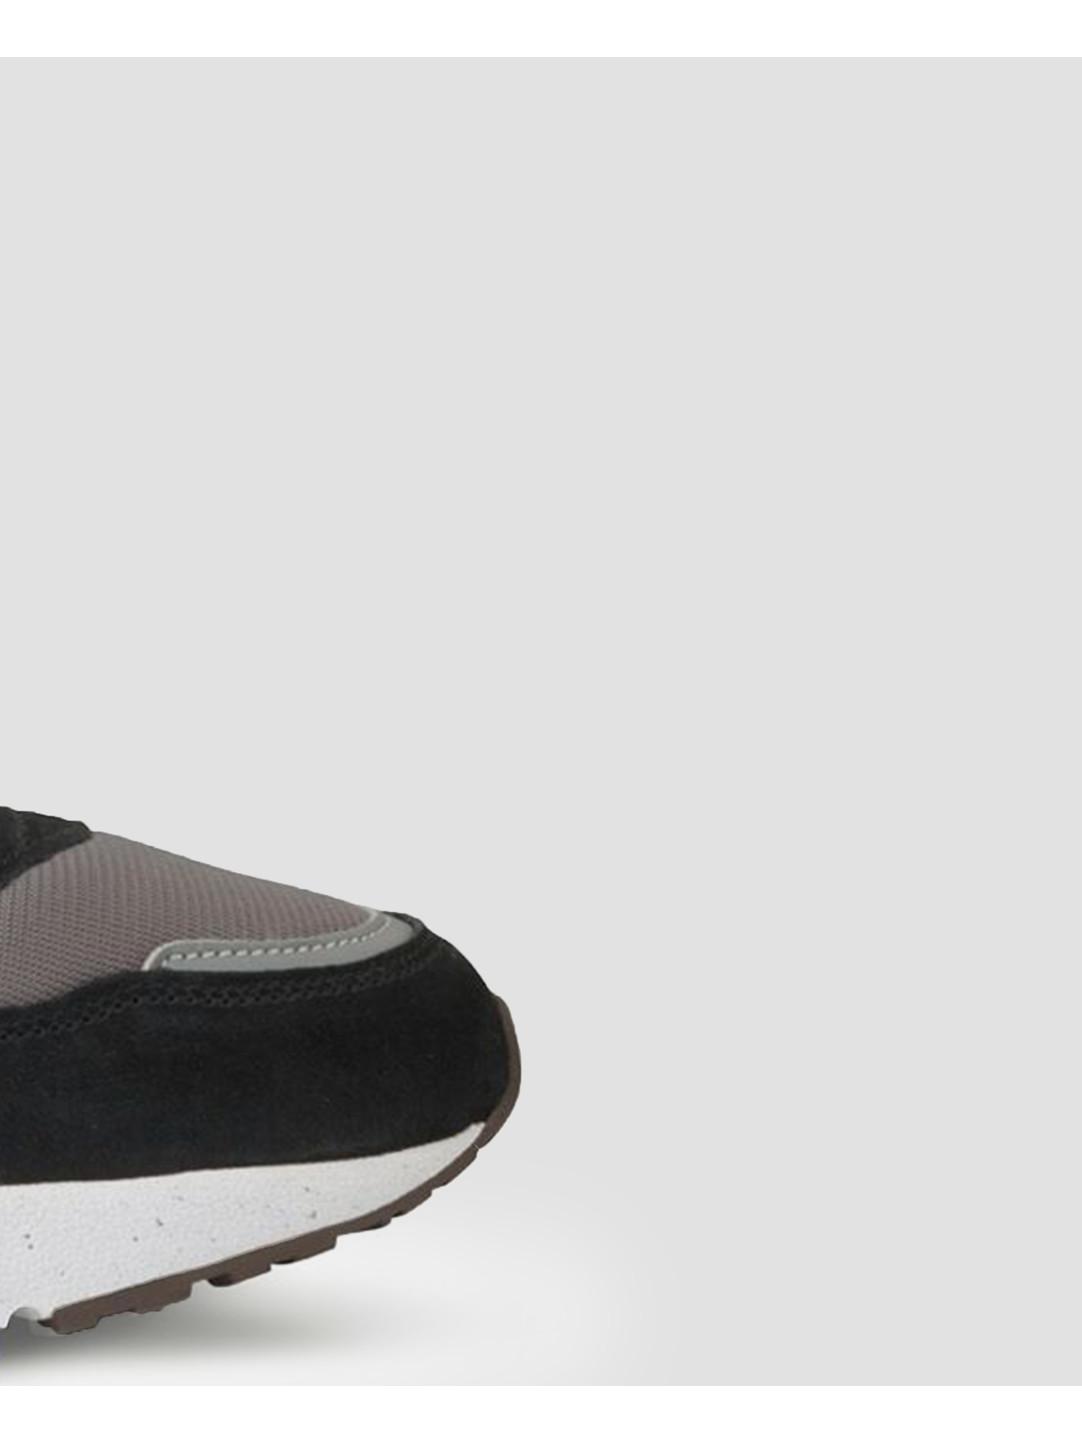 Karhu Karhu Aria Jet Black Taos Taupe F803053